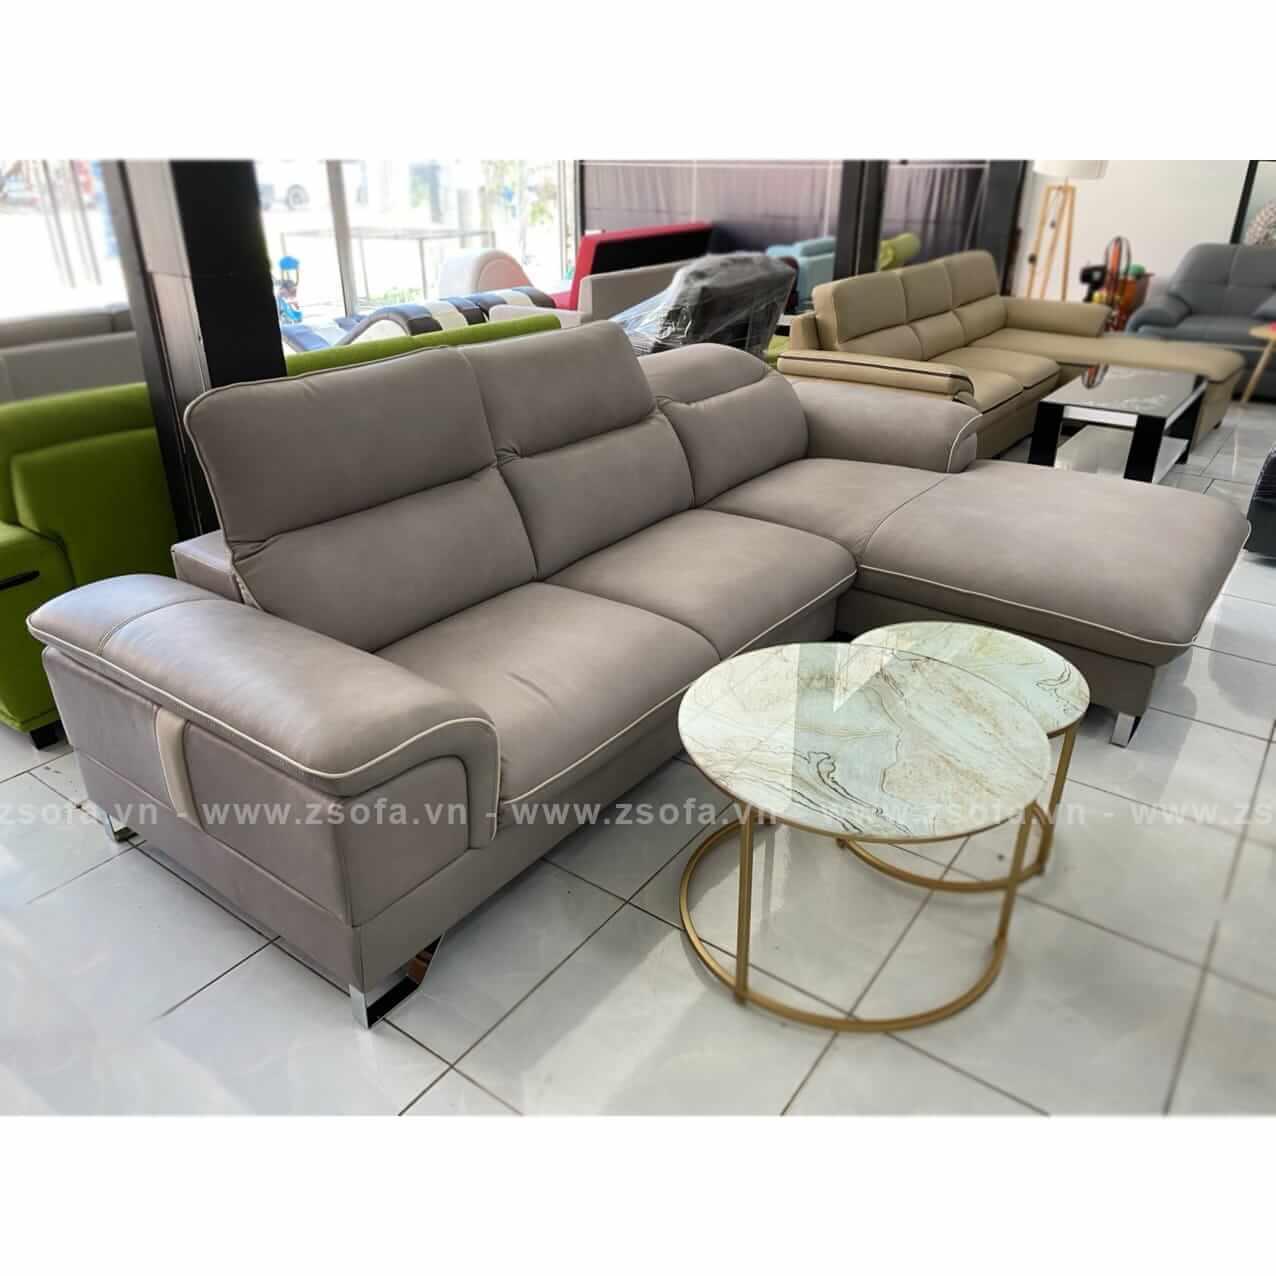 Chọn sofa lót nệm nào tốt cho gia đình ?